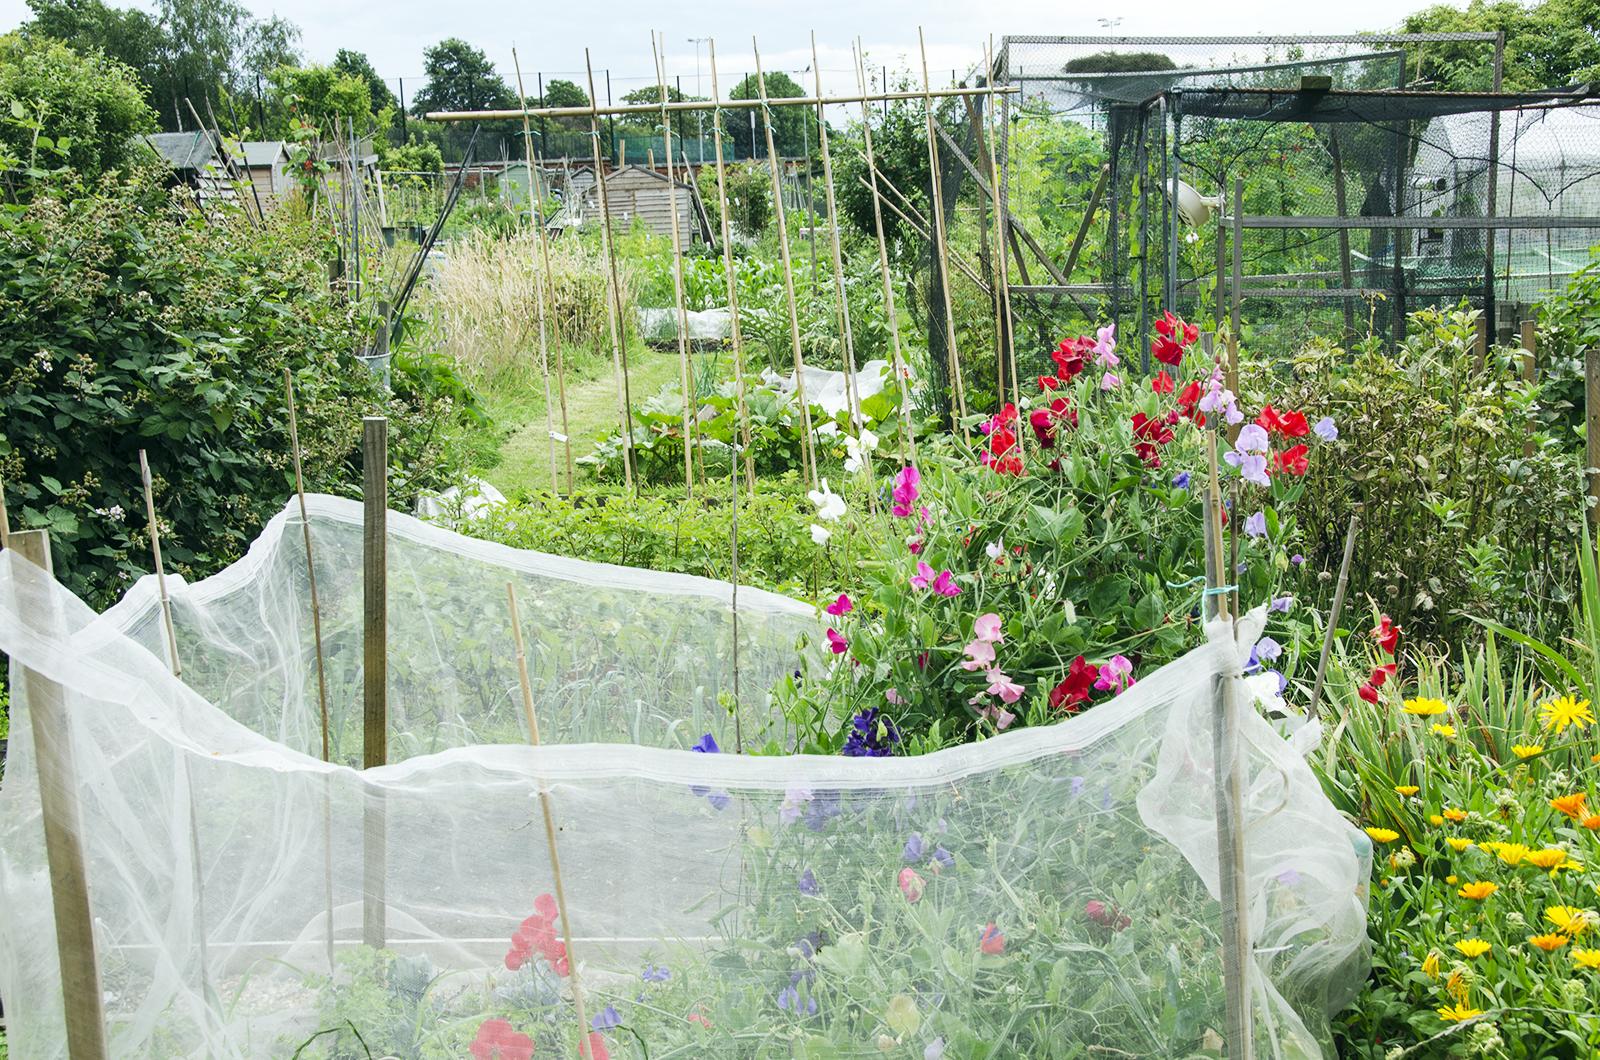 2016-07-13-Wandsworth_Beatrix-Potter-Allotments_Summer_Flora